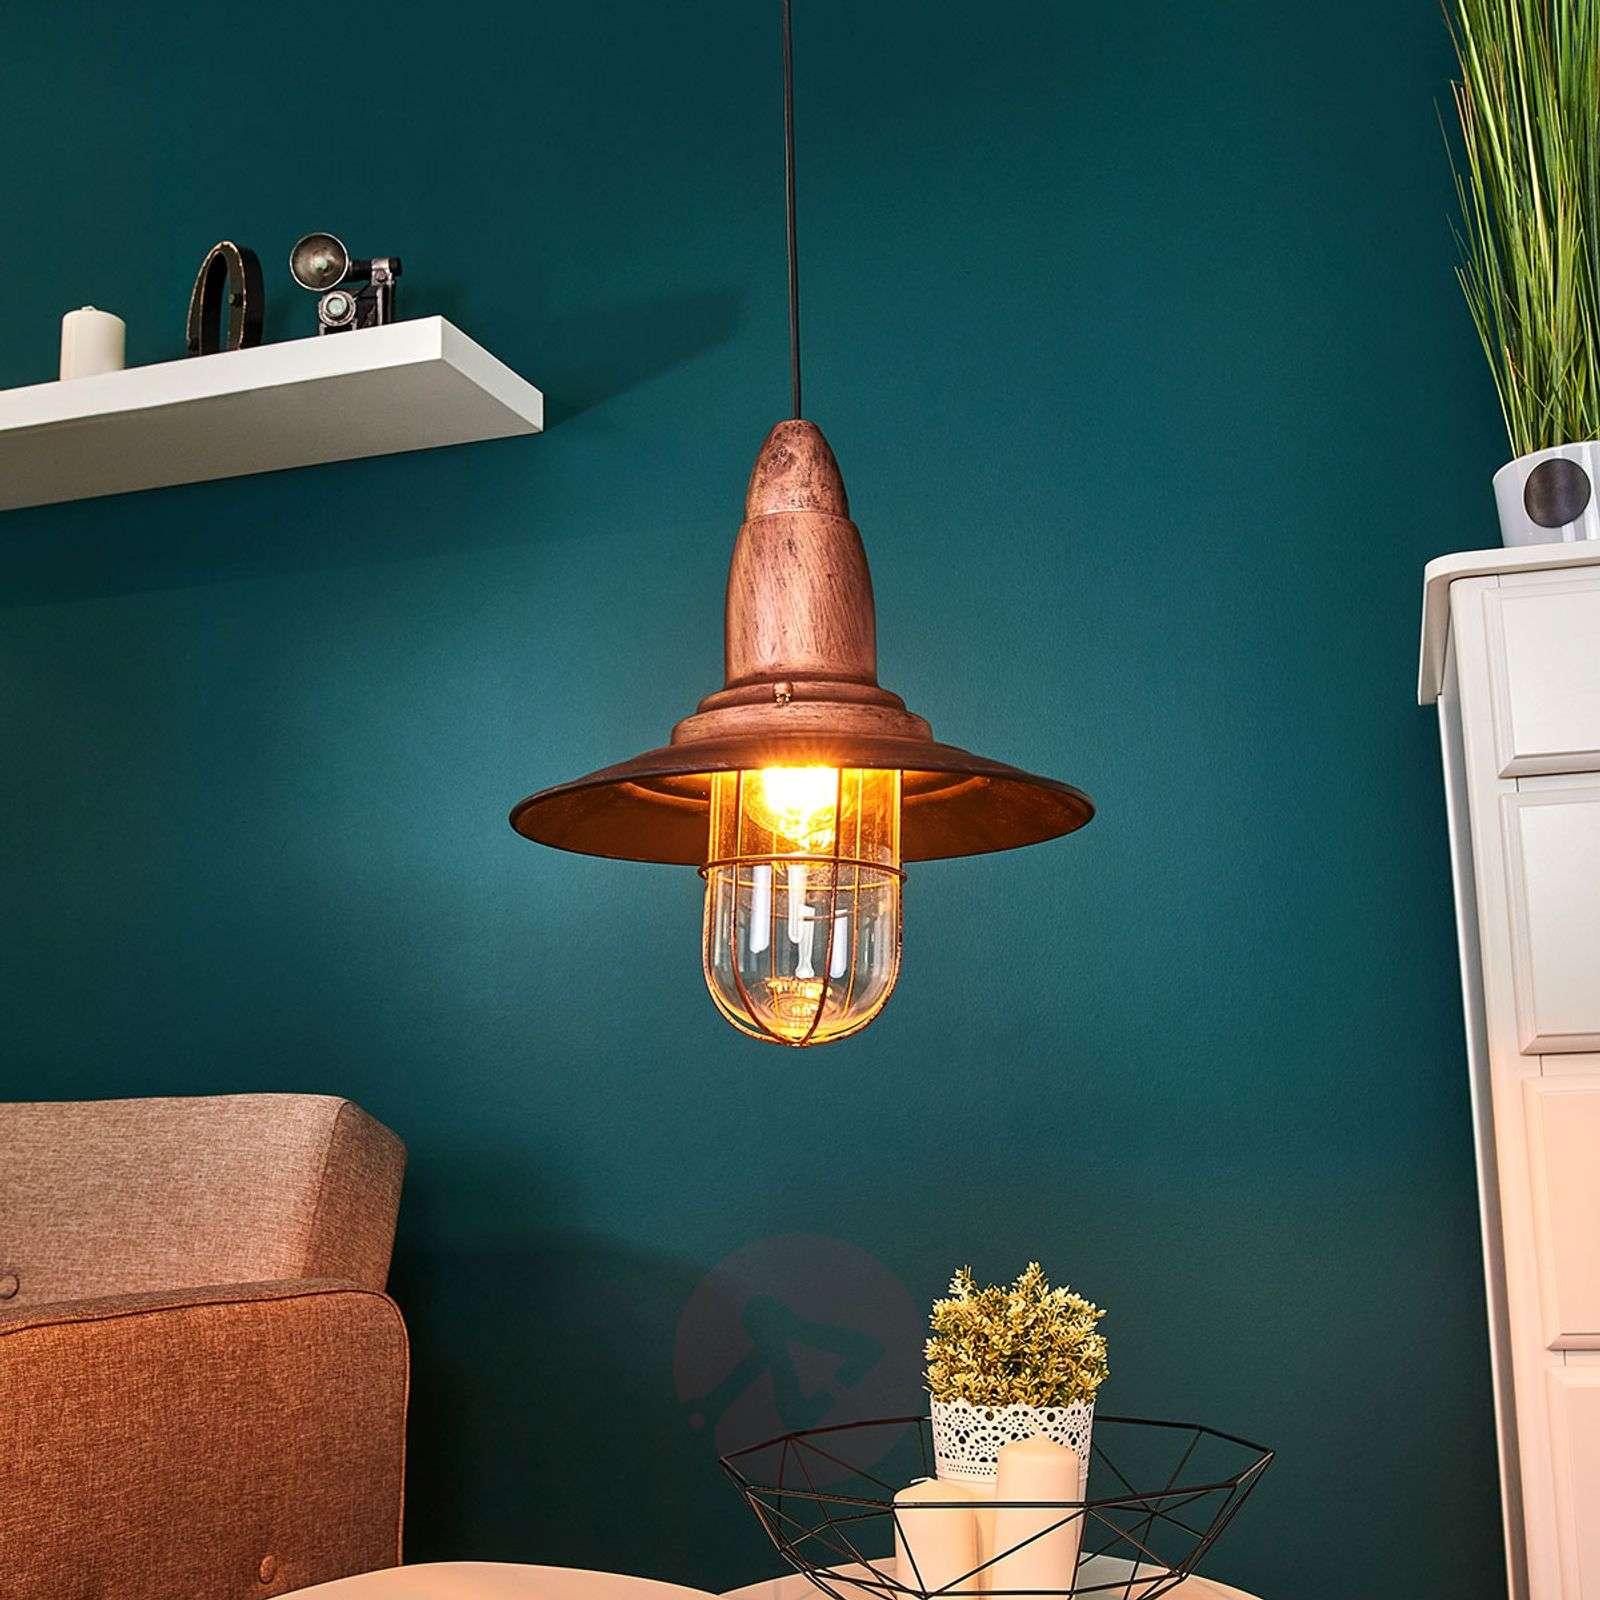 antique pendant lights. Fisherman Pendant Light W/ Antique Copper Finish-9005097-01 Lights L